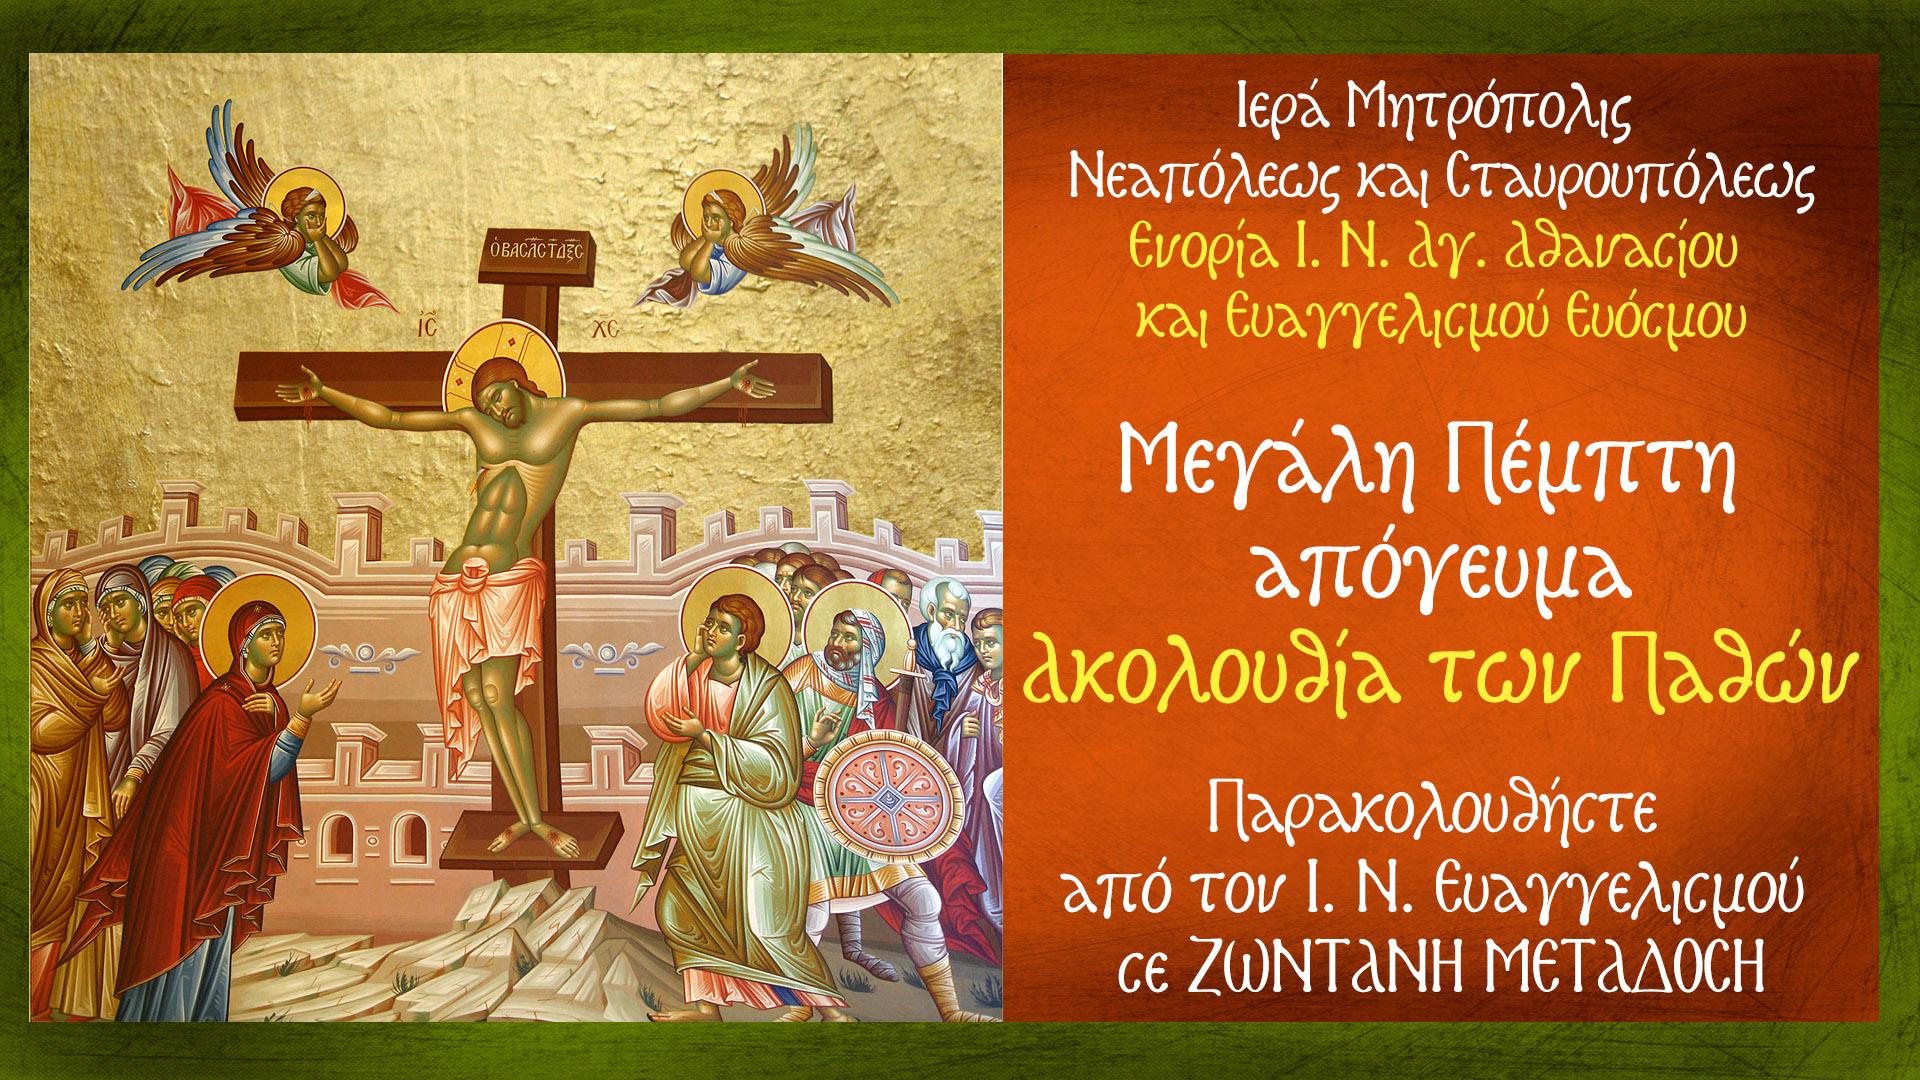 Μ. Πέμπτη απόγευμα: Ακολουθία των Παθών σε Ζωντανή Μετάδοση από τον Ι. Ν. Ευαγγελισμού